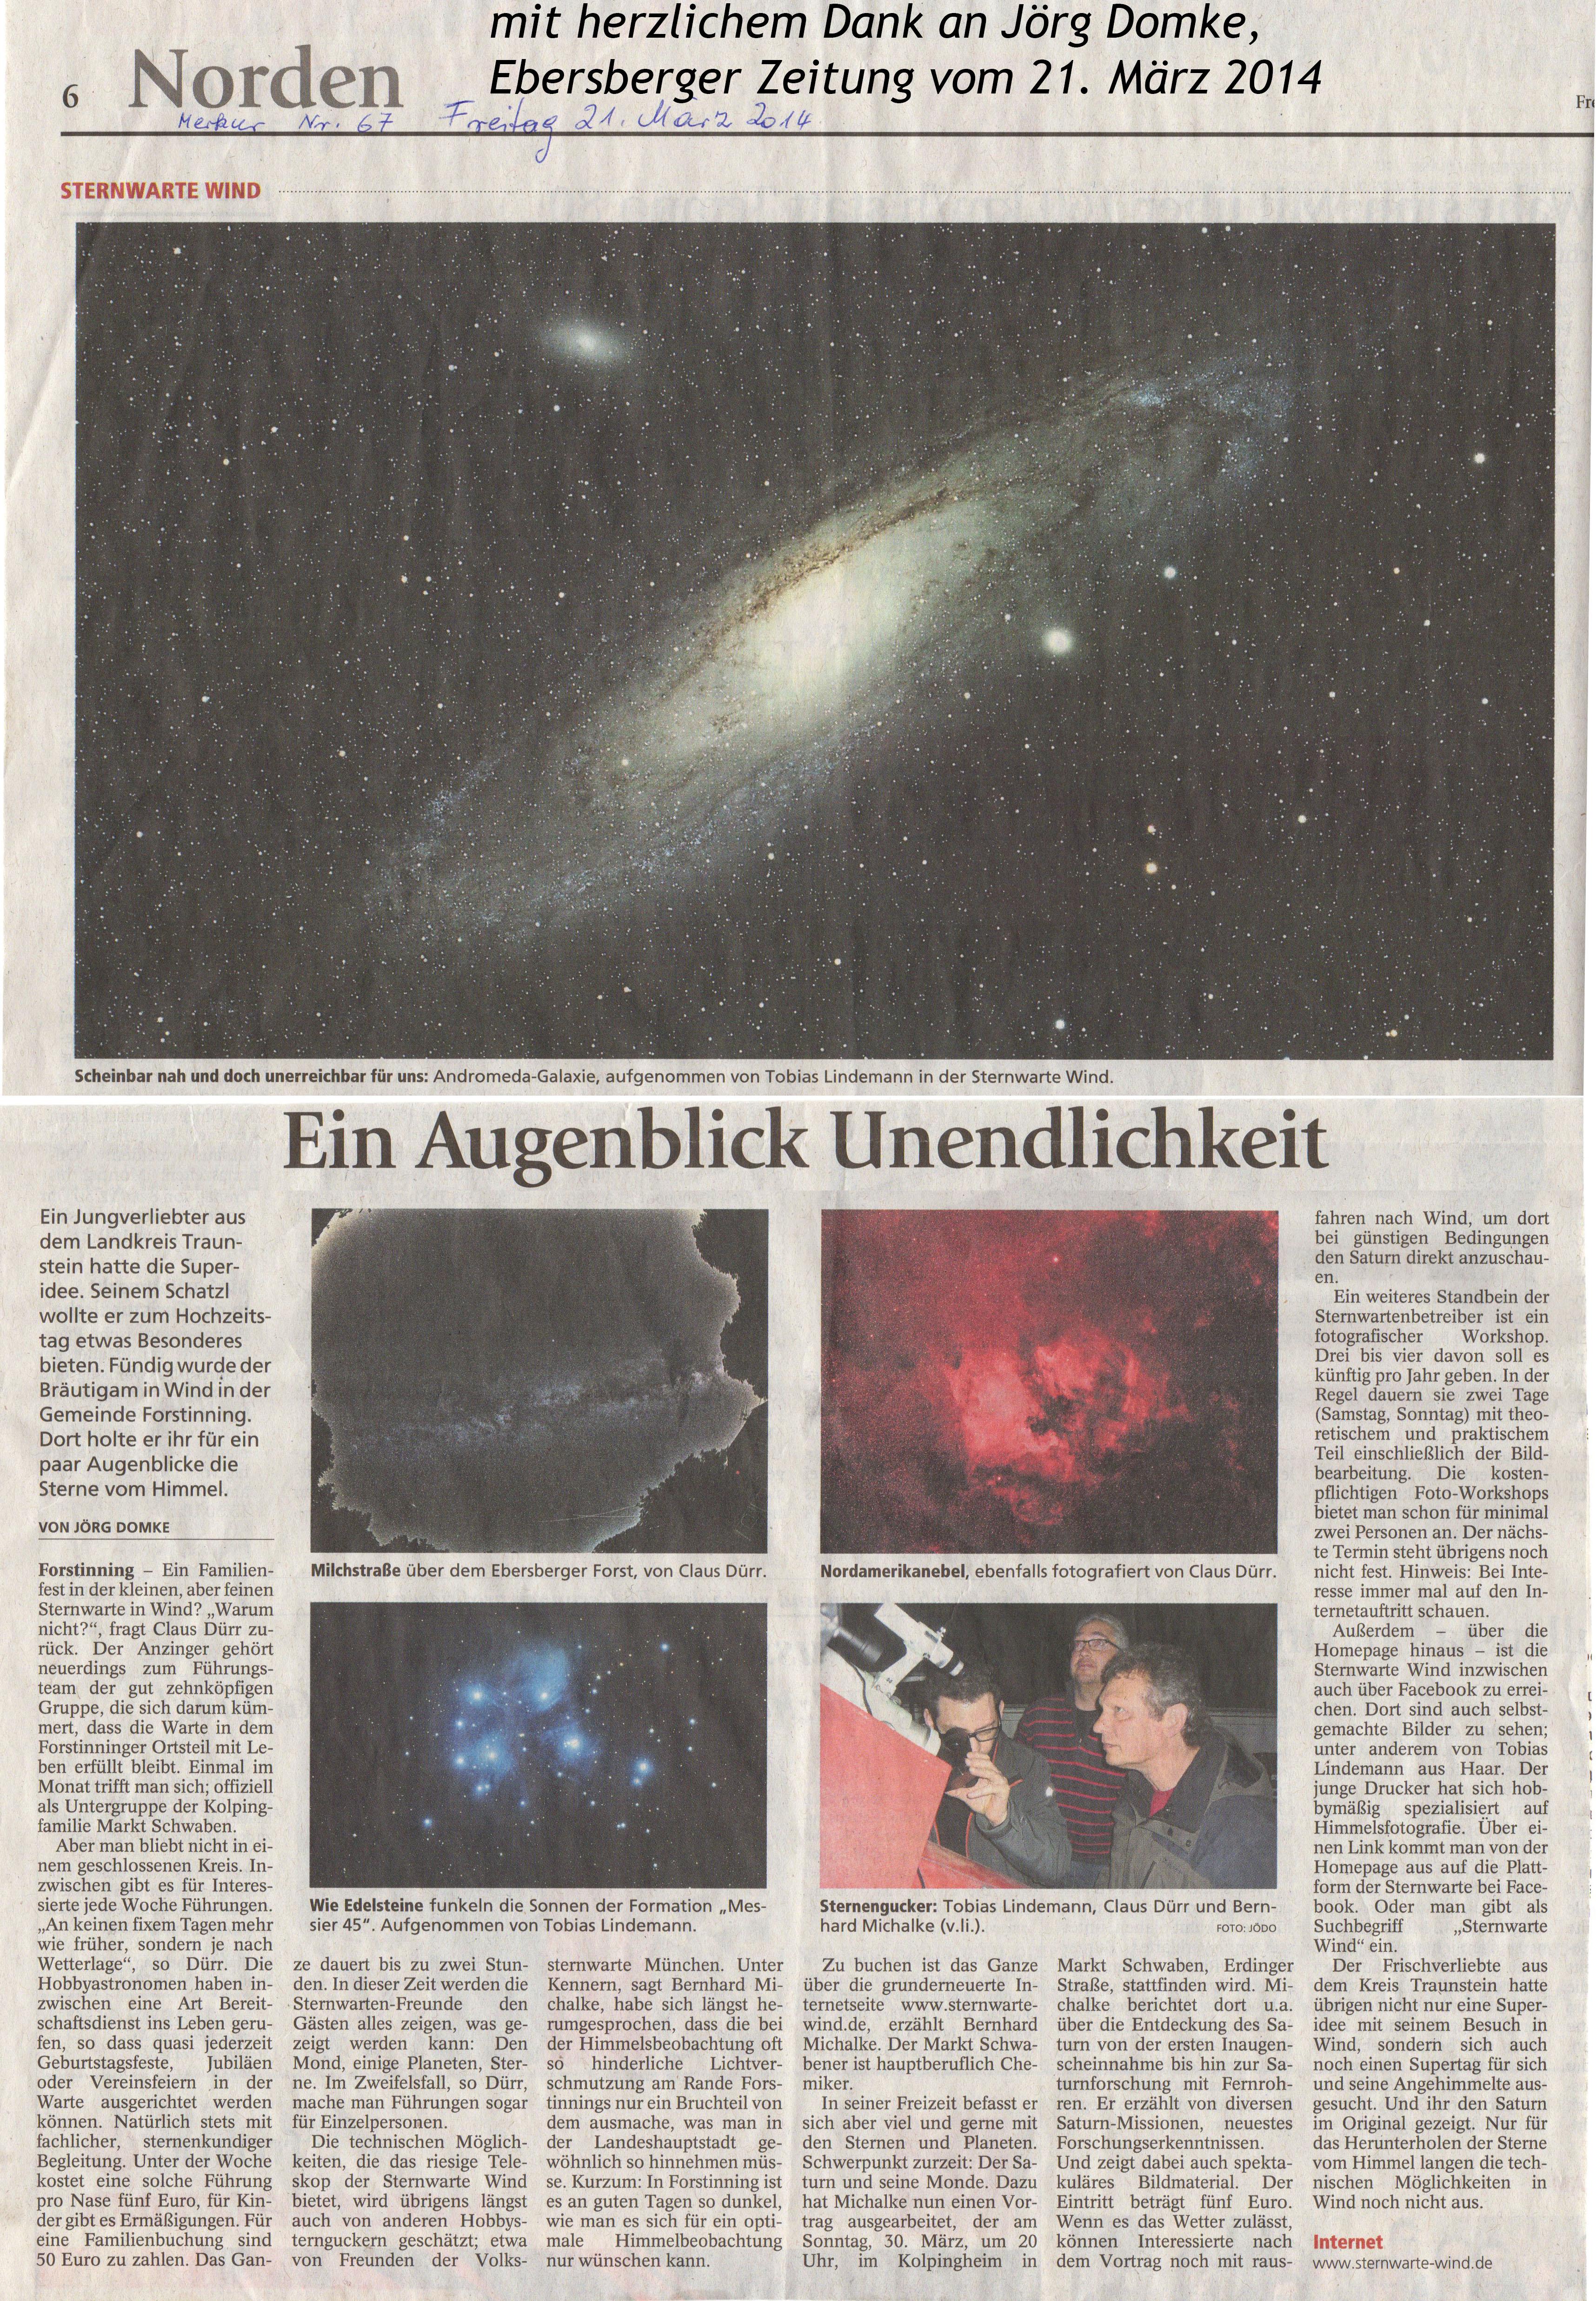 Artikel von Jörg Domke - Ebersberger Zeitung vom 21. März 2014